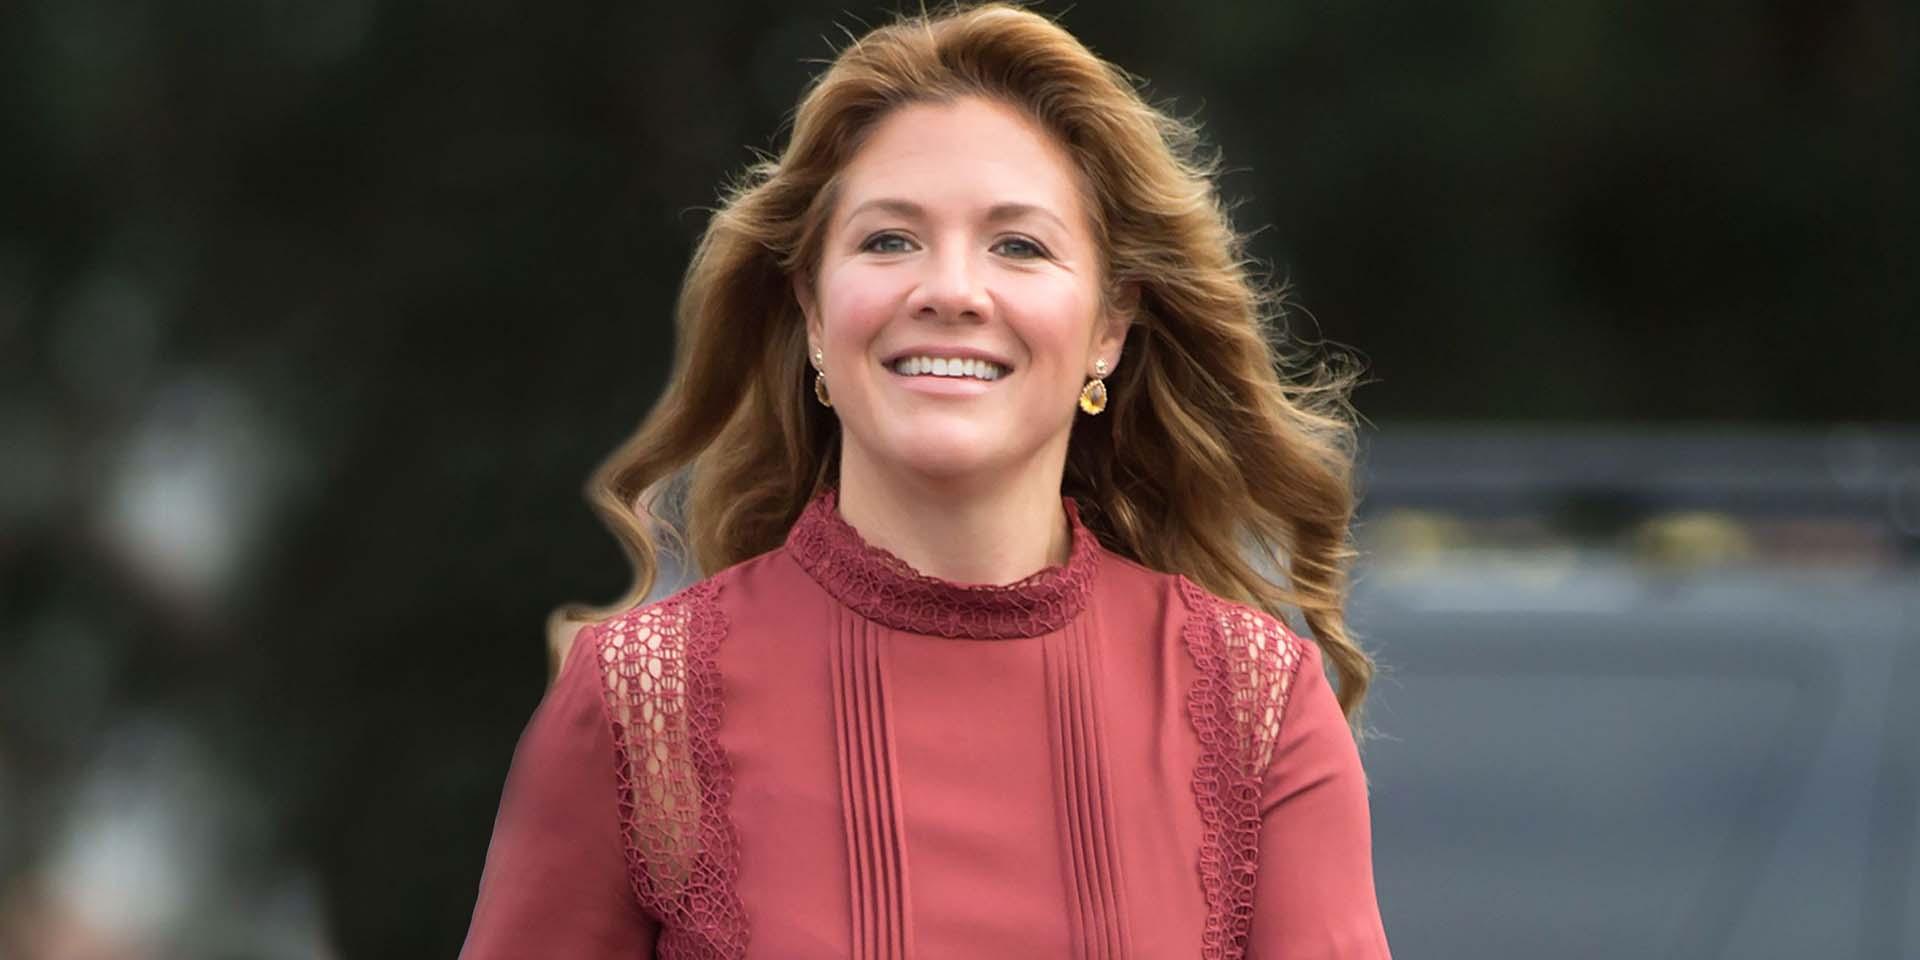 Sophie Gregoire mantiene un perfil alto con múltiples participaciones